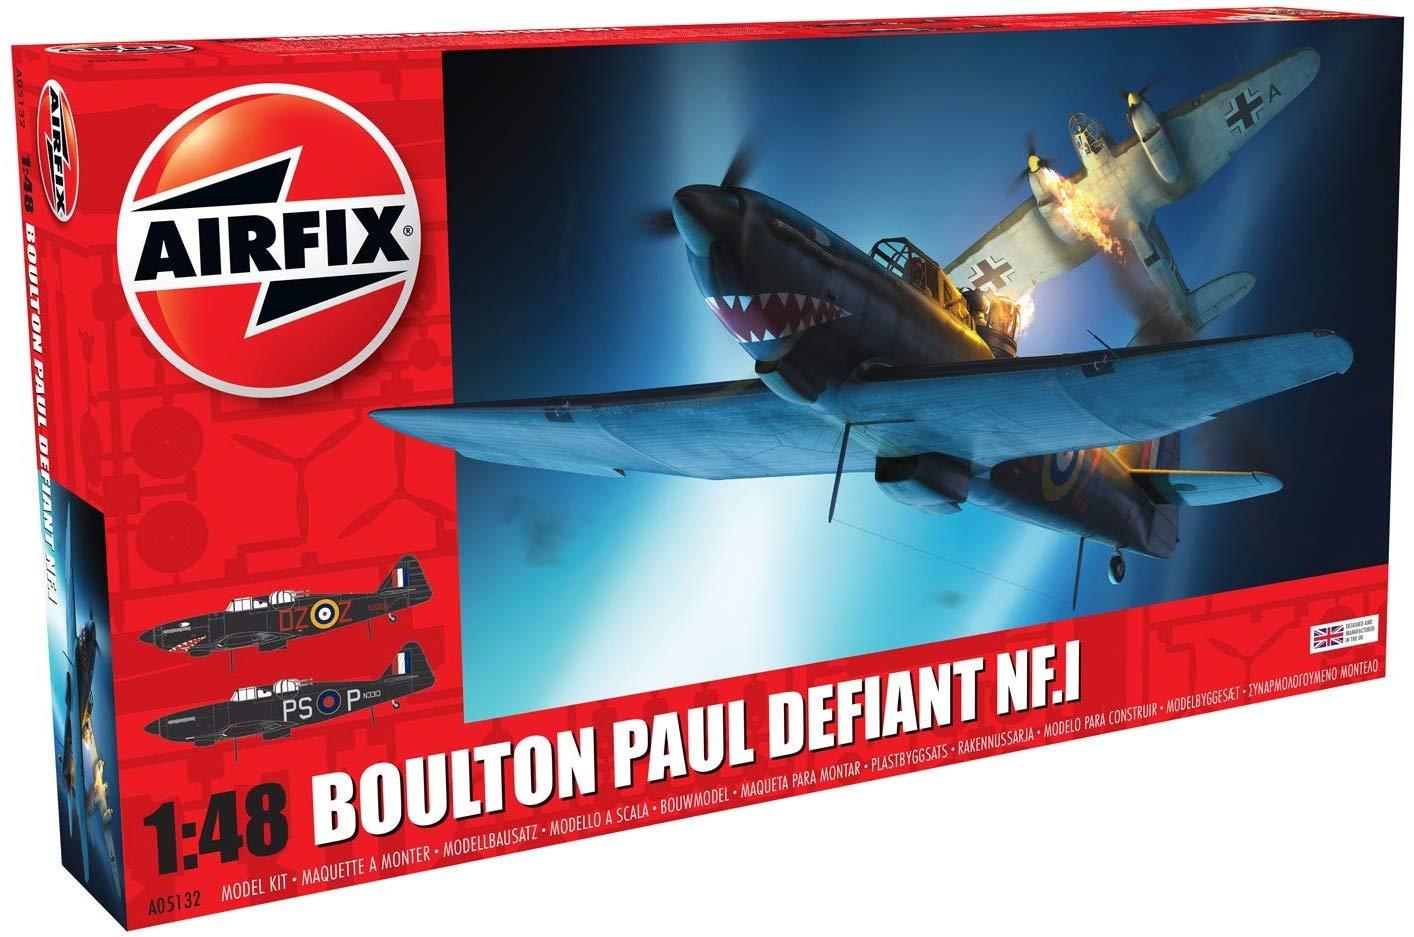 Airfix Boulton Paul Defiant NF.1